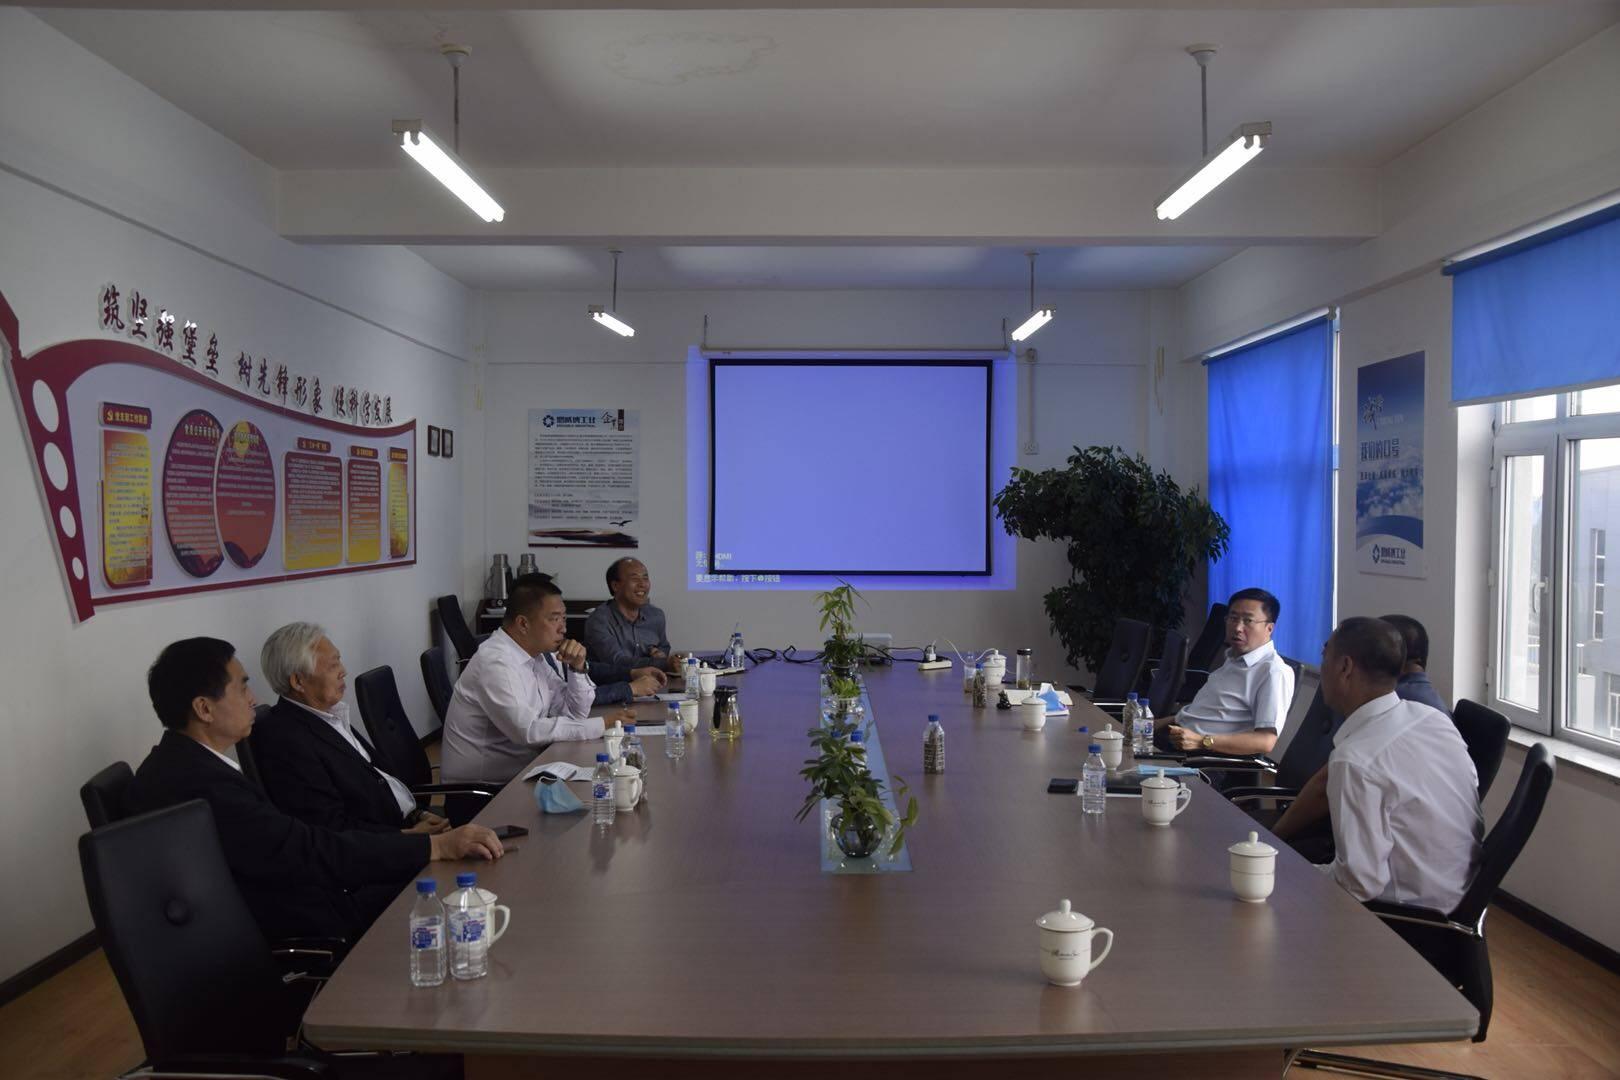 吉林省公主岭市:将移动秸秆颗粒加工厂项目推向市场